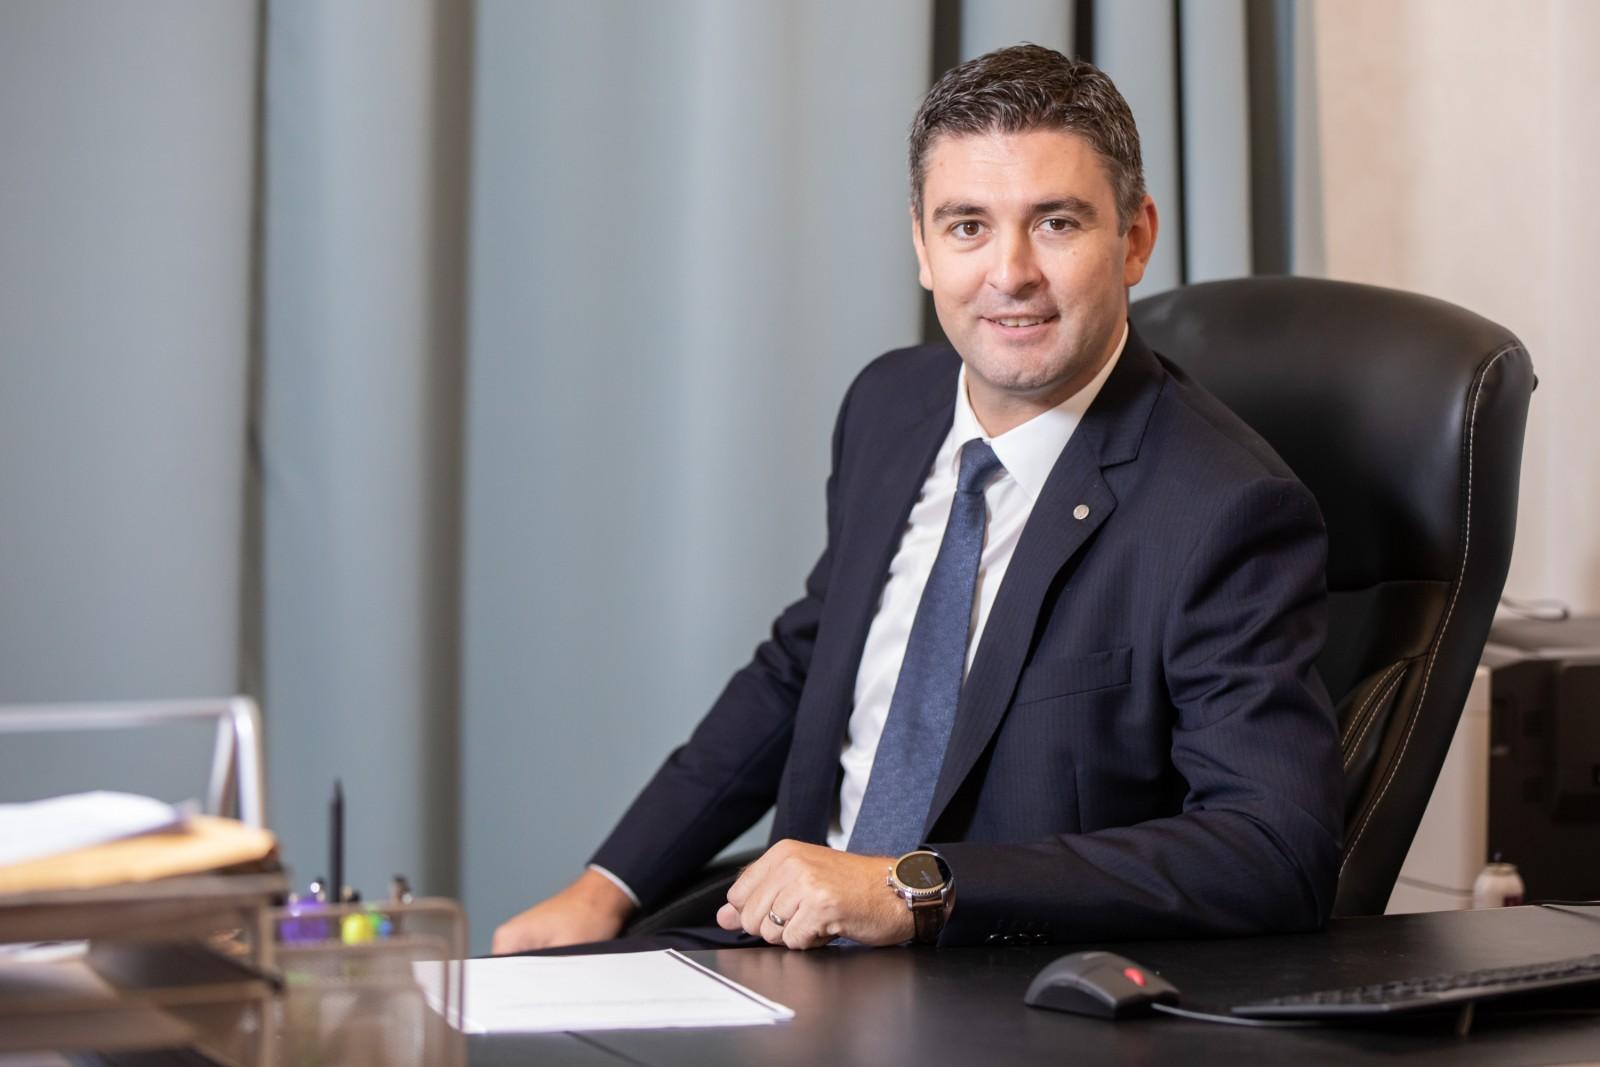 Čestitka gradonačelnika Frankovića Dubravki Šuici